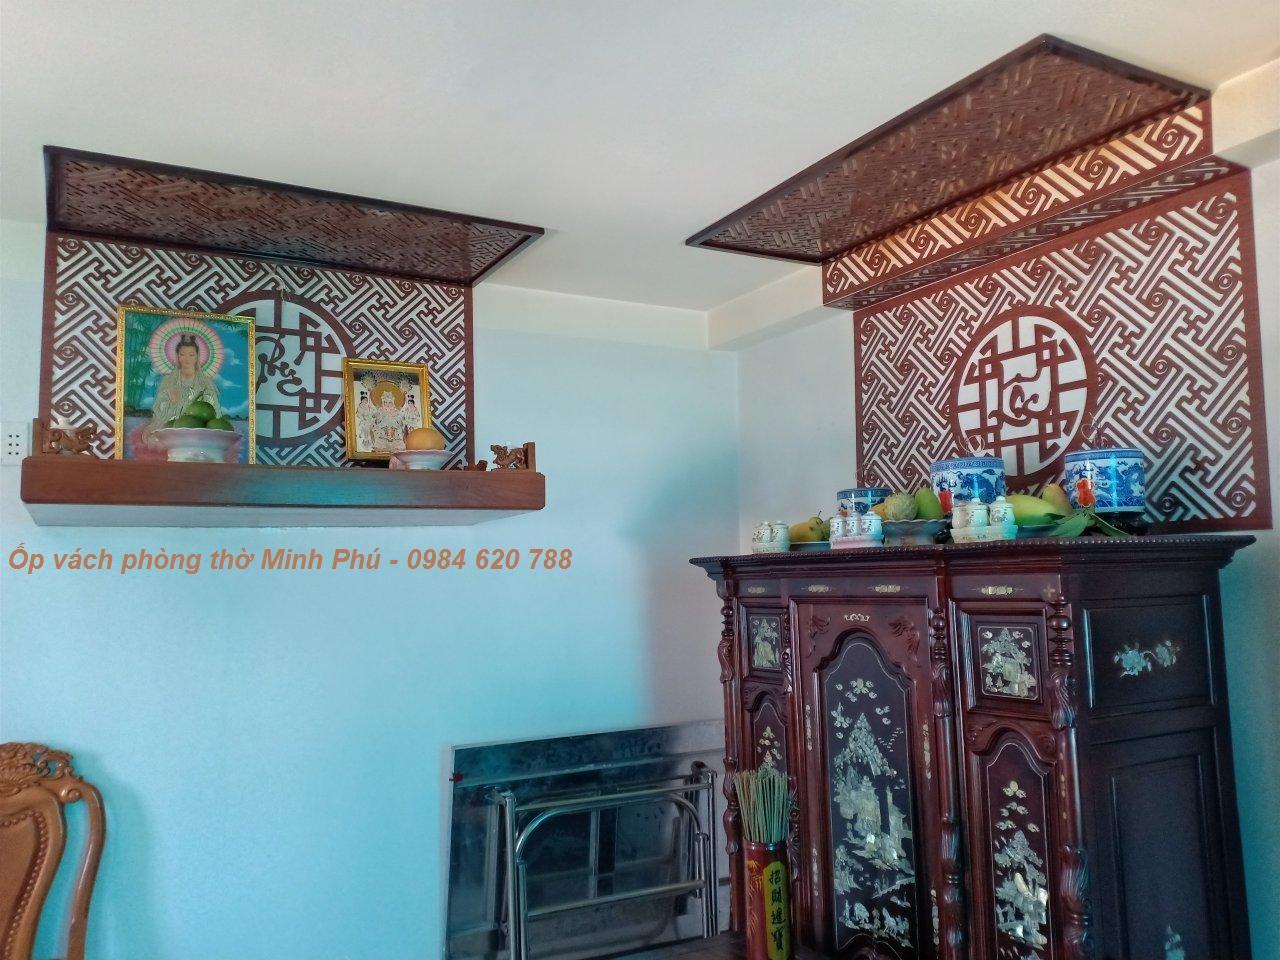 Ốp vách trang trí bàn thờ